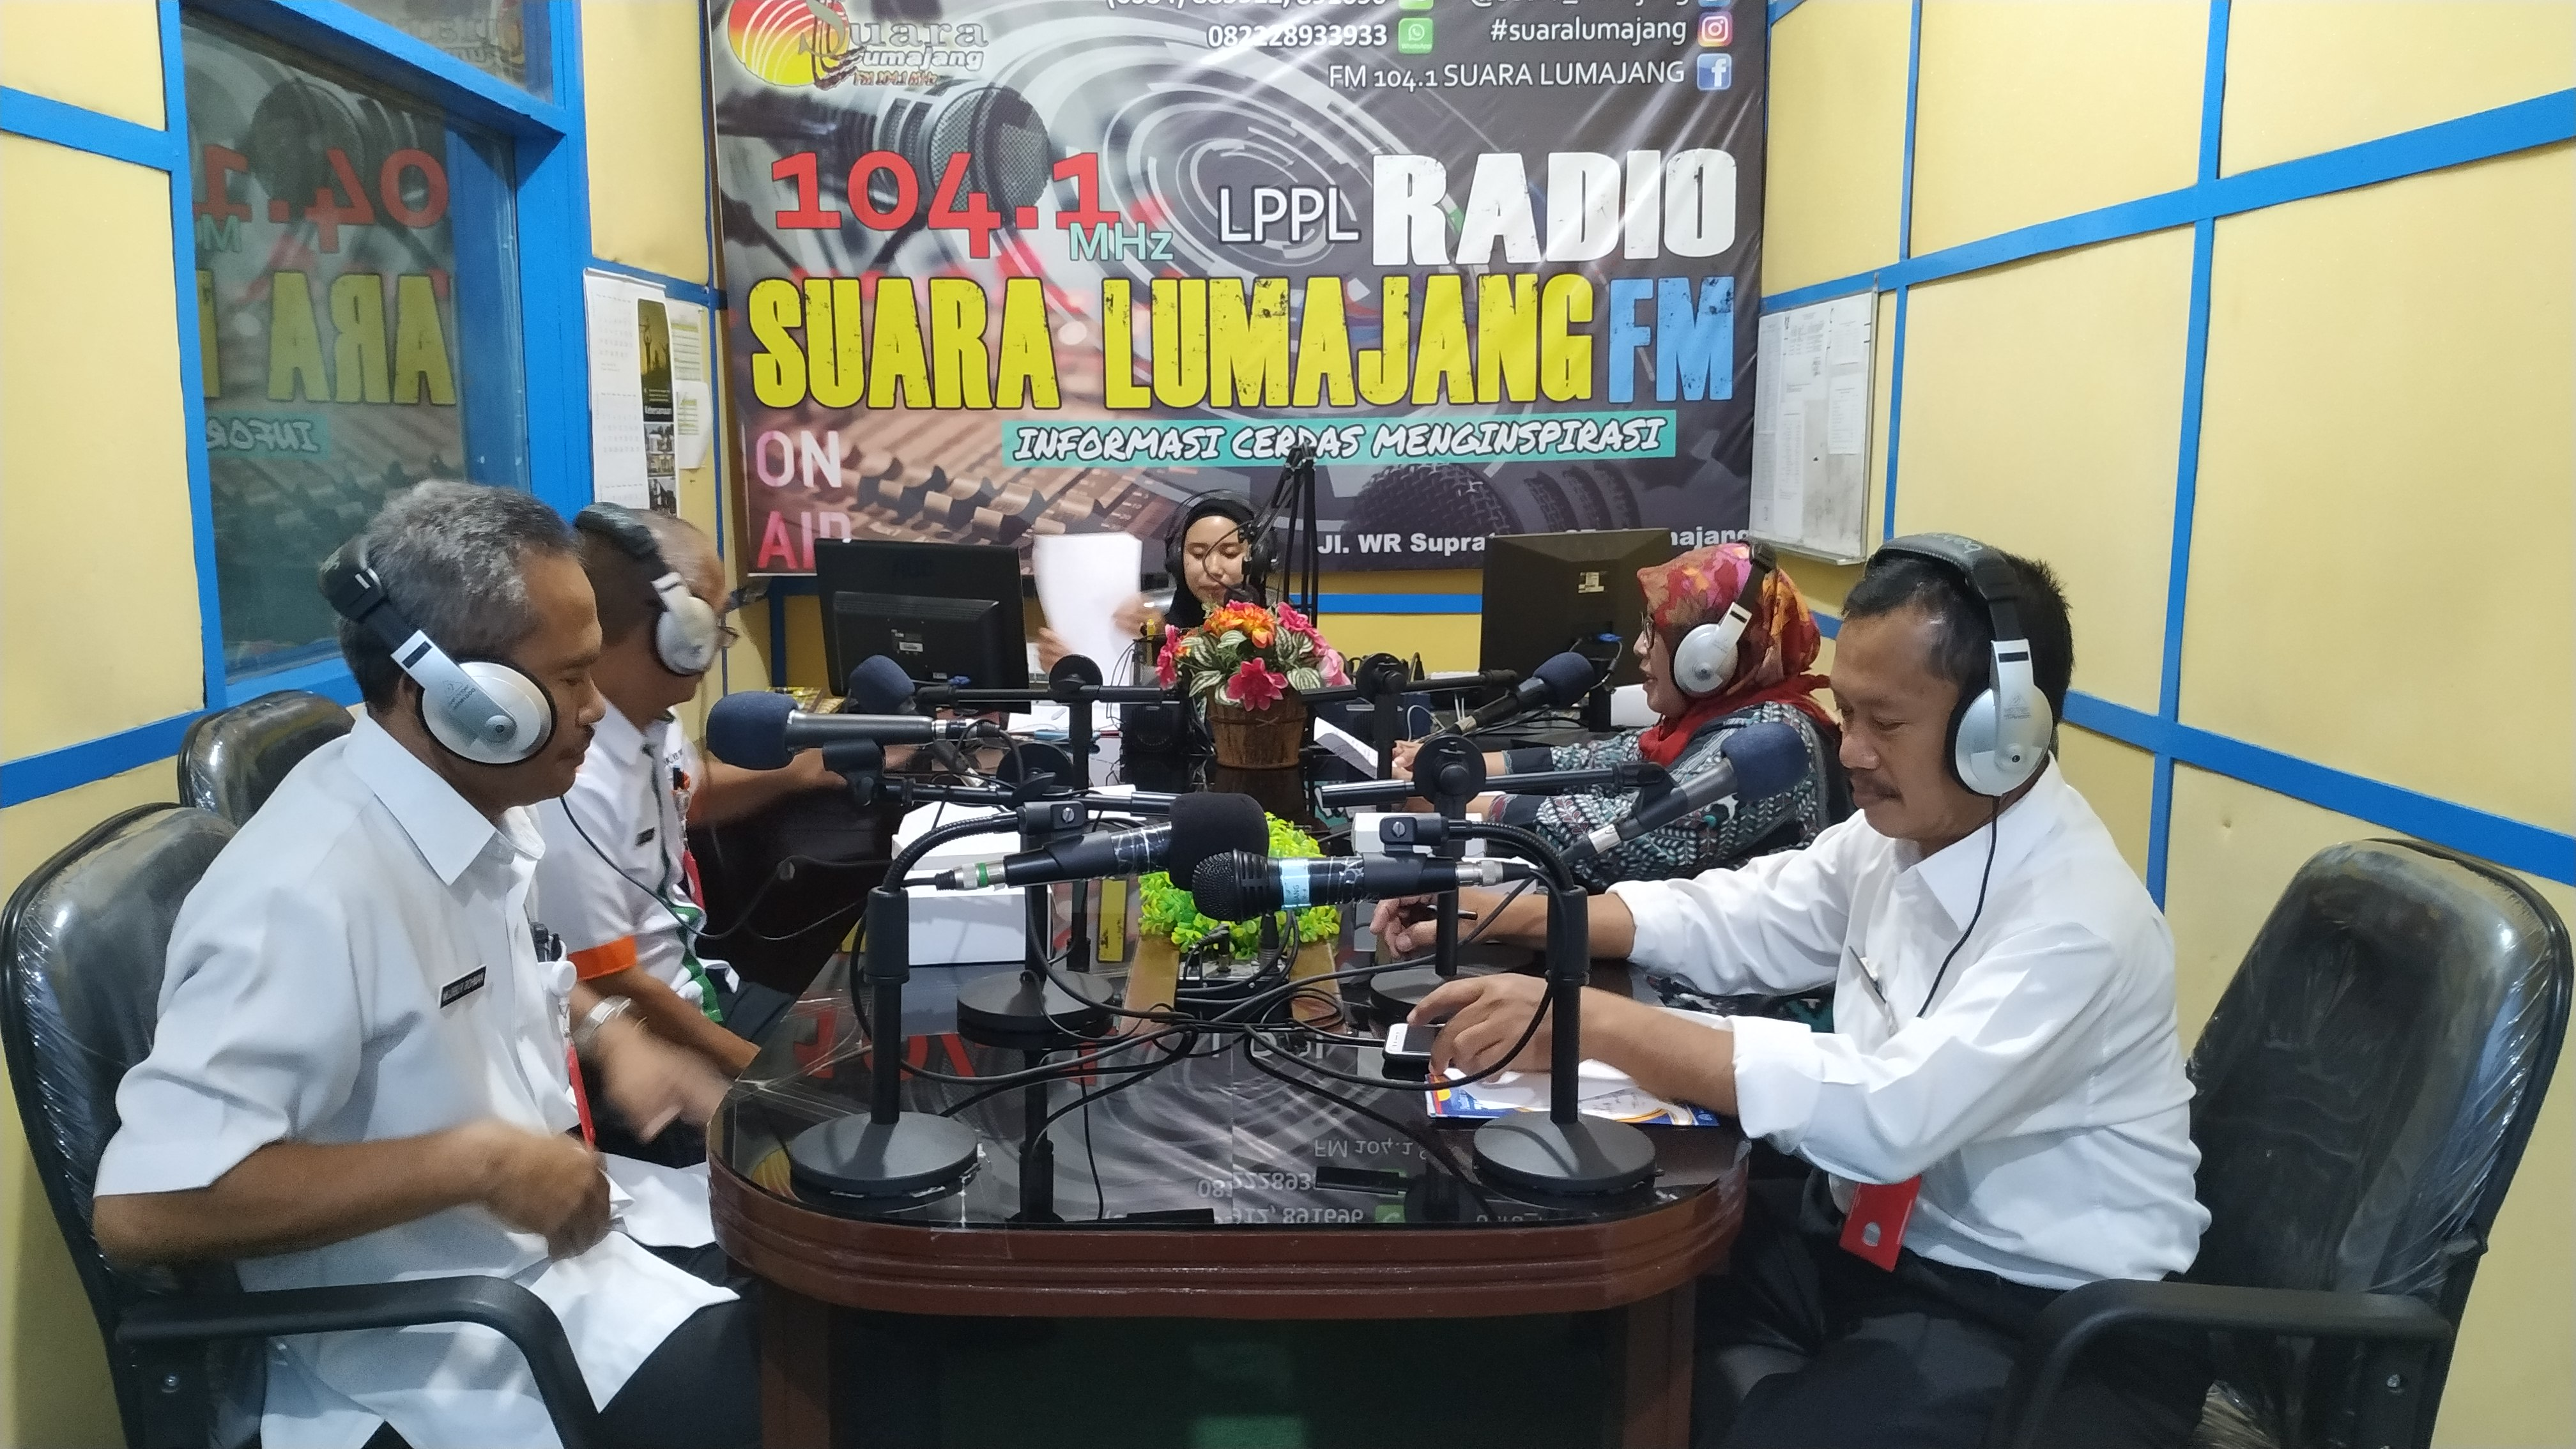 Dialog Interaktif Di Radio Suara Lumajang